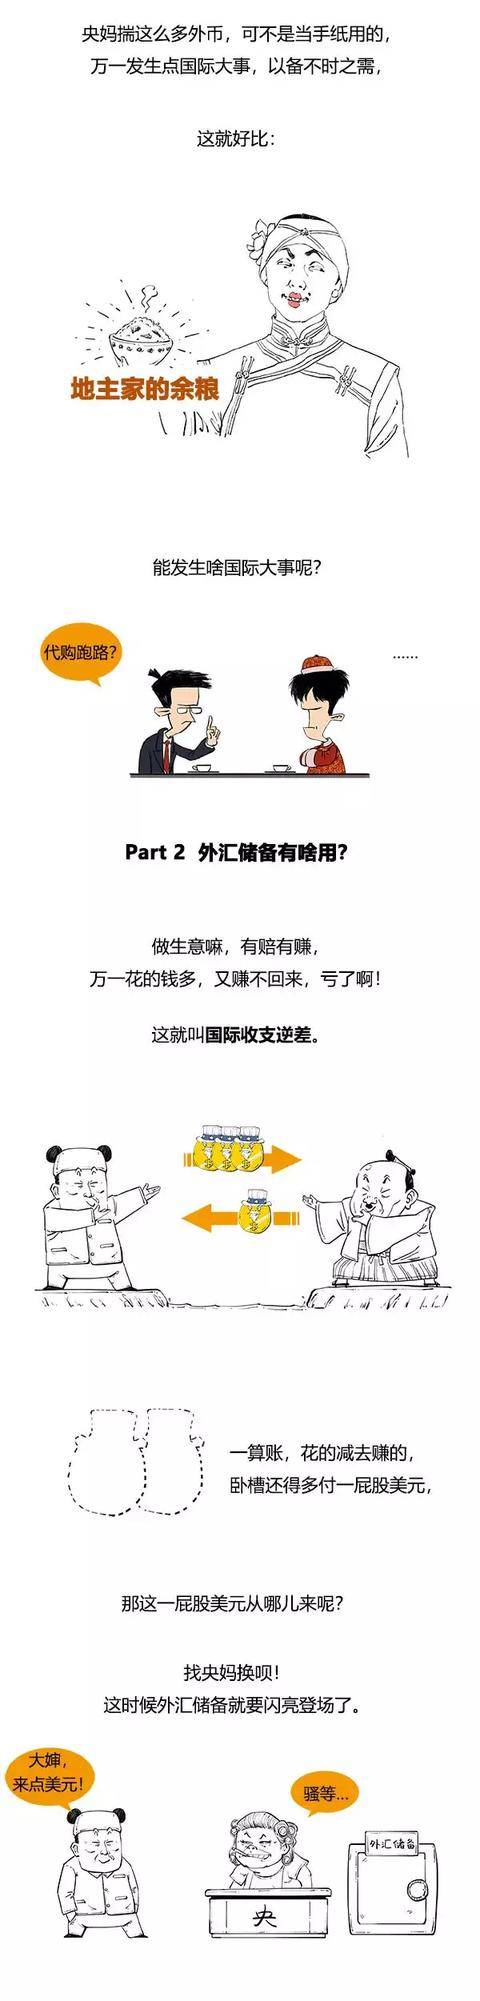 什么是外汇储备(外汇储备增加说明什么)插图(3)